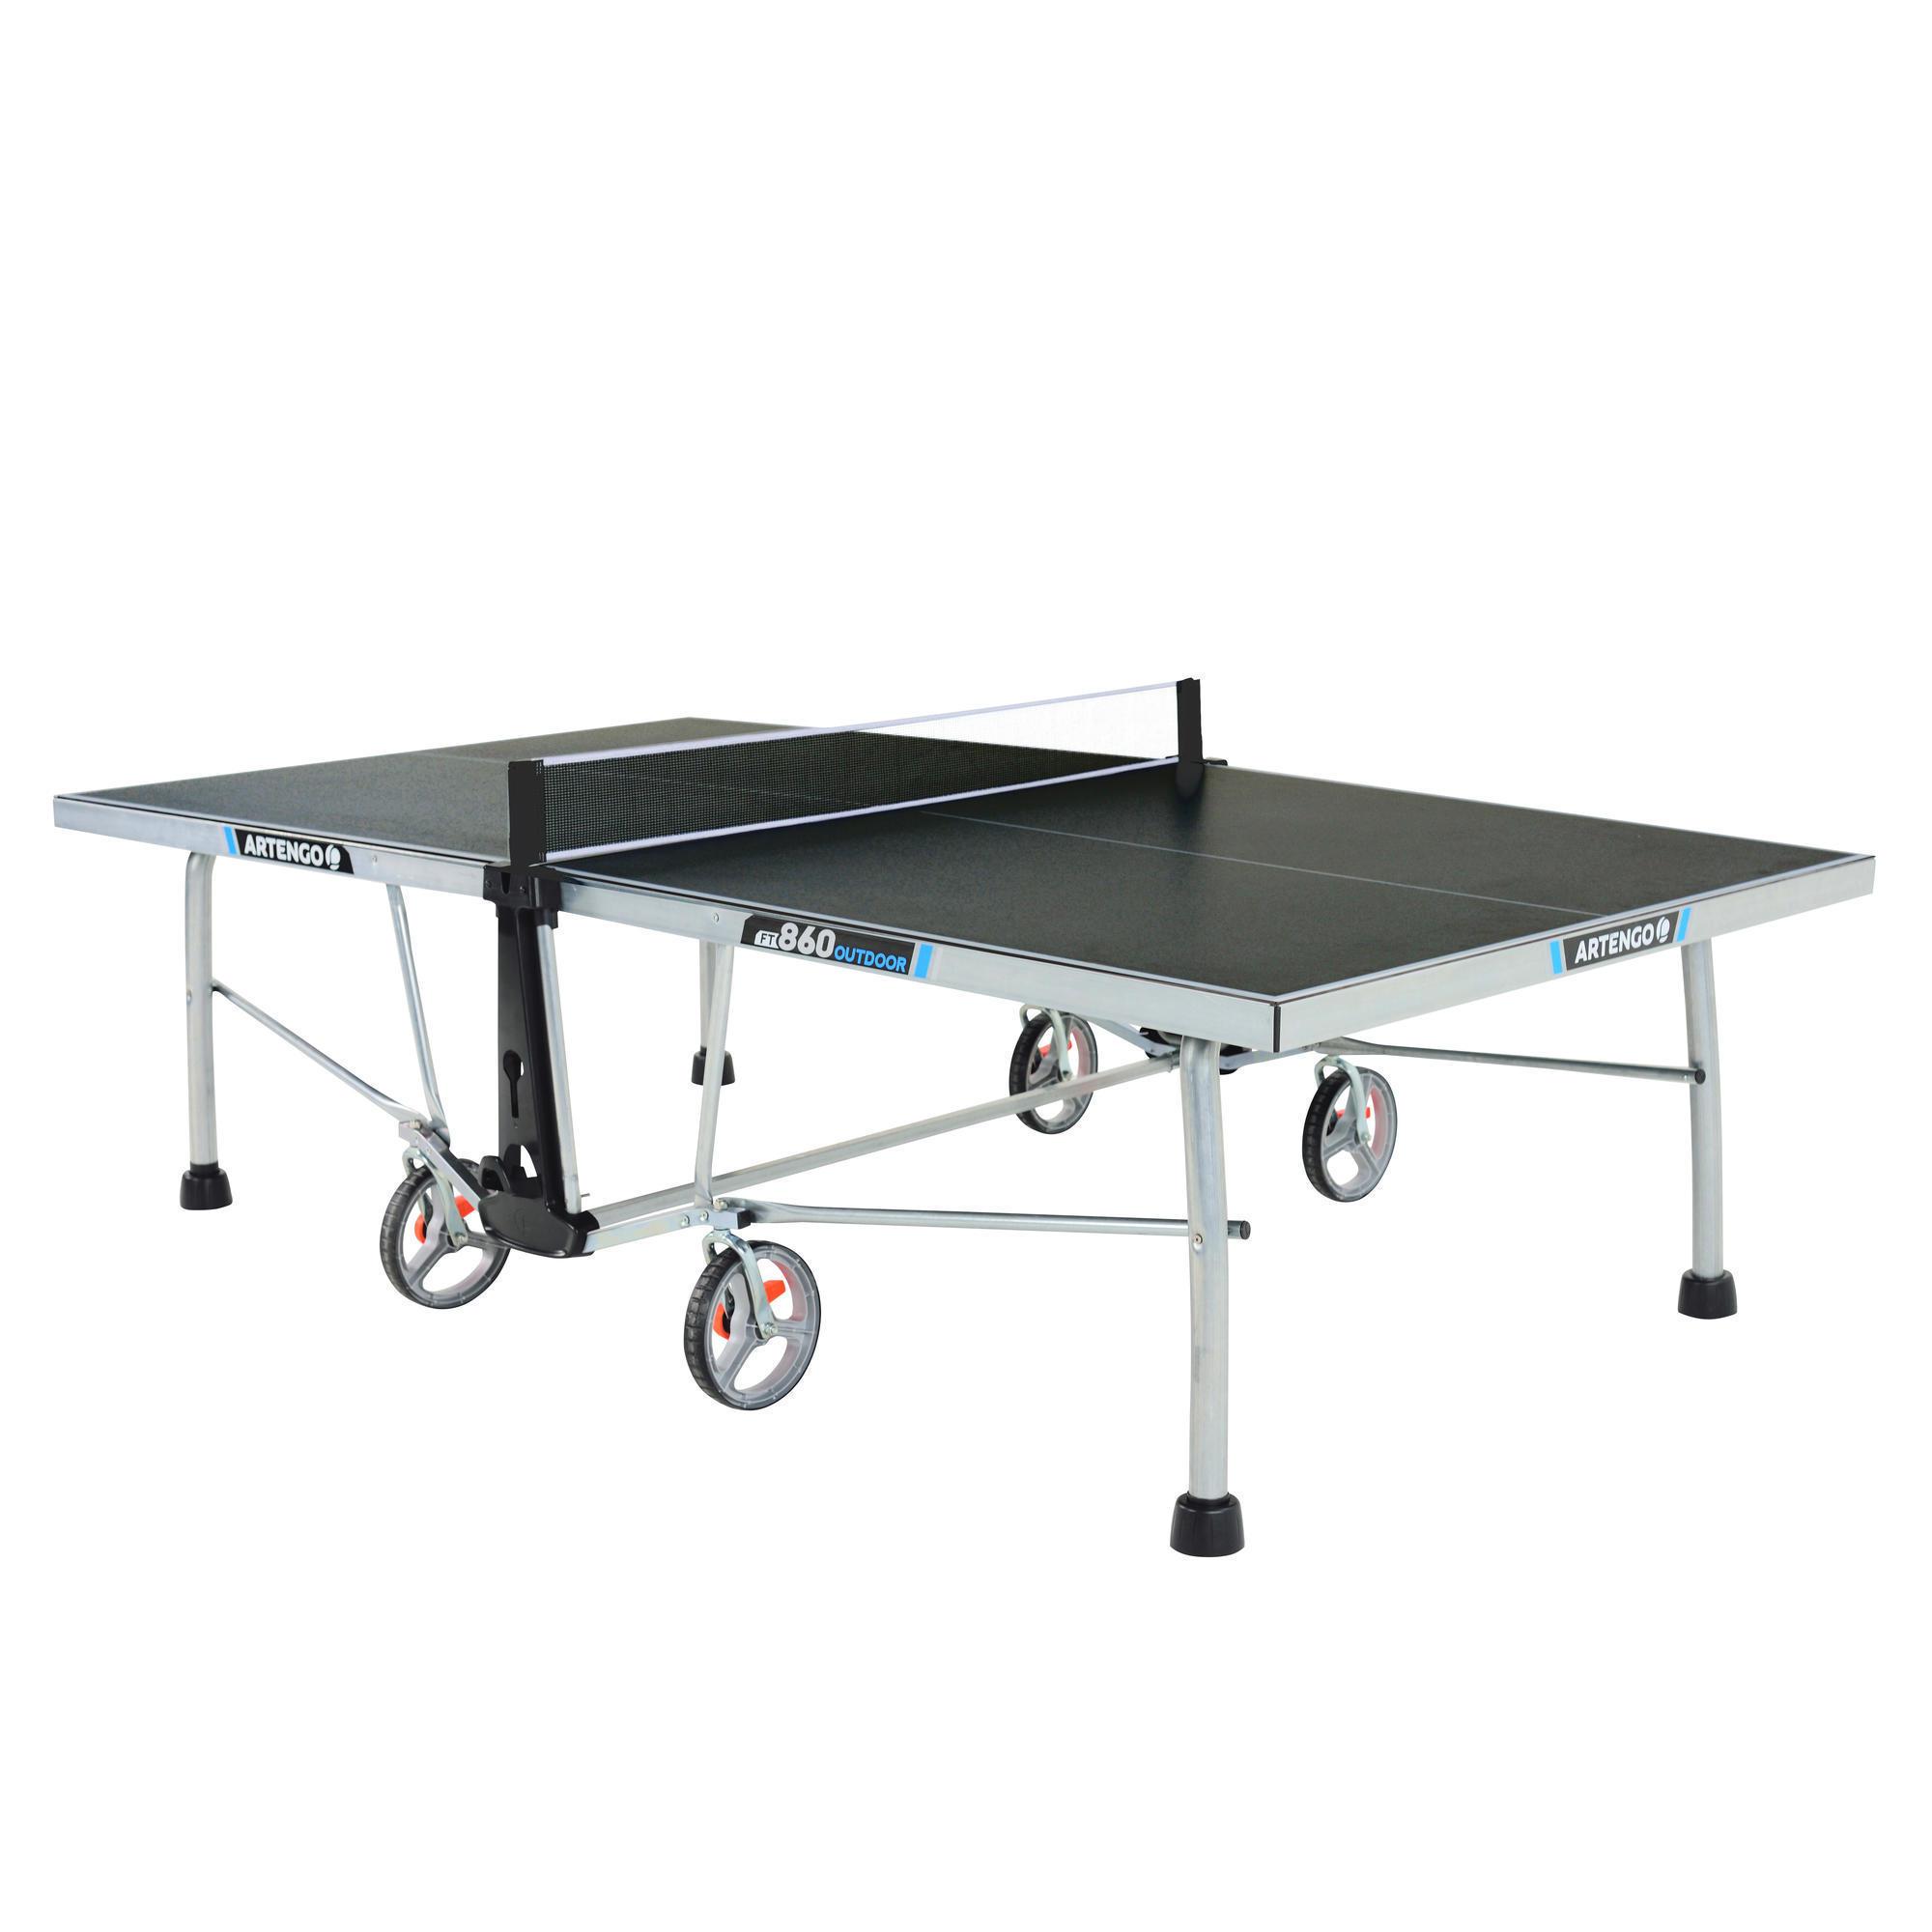 00742ff5e Mesa De Ping Pong Ft860 Outdoor Artengo